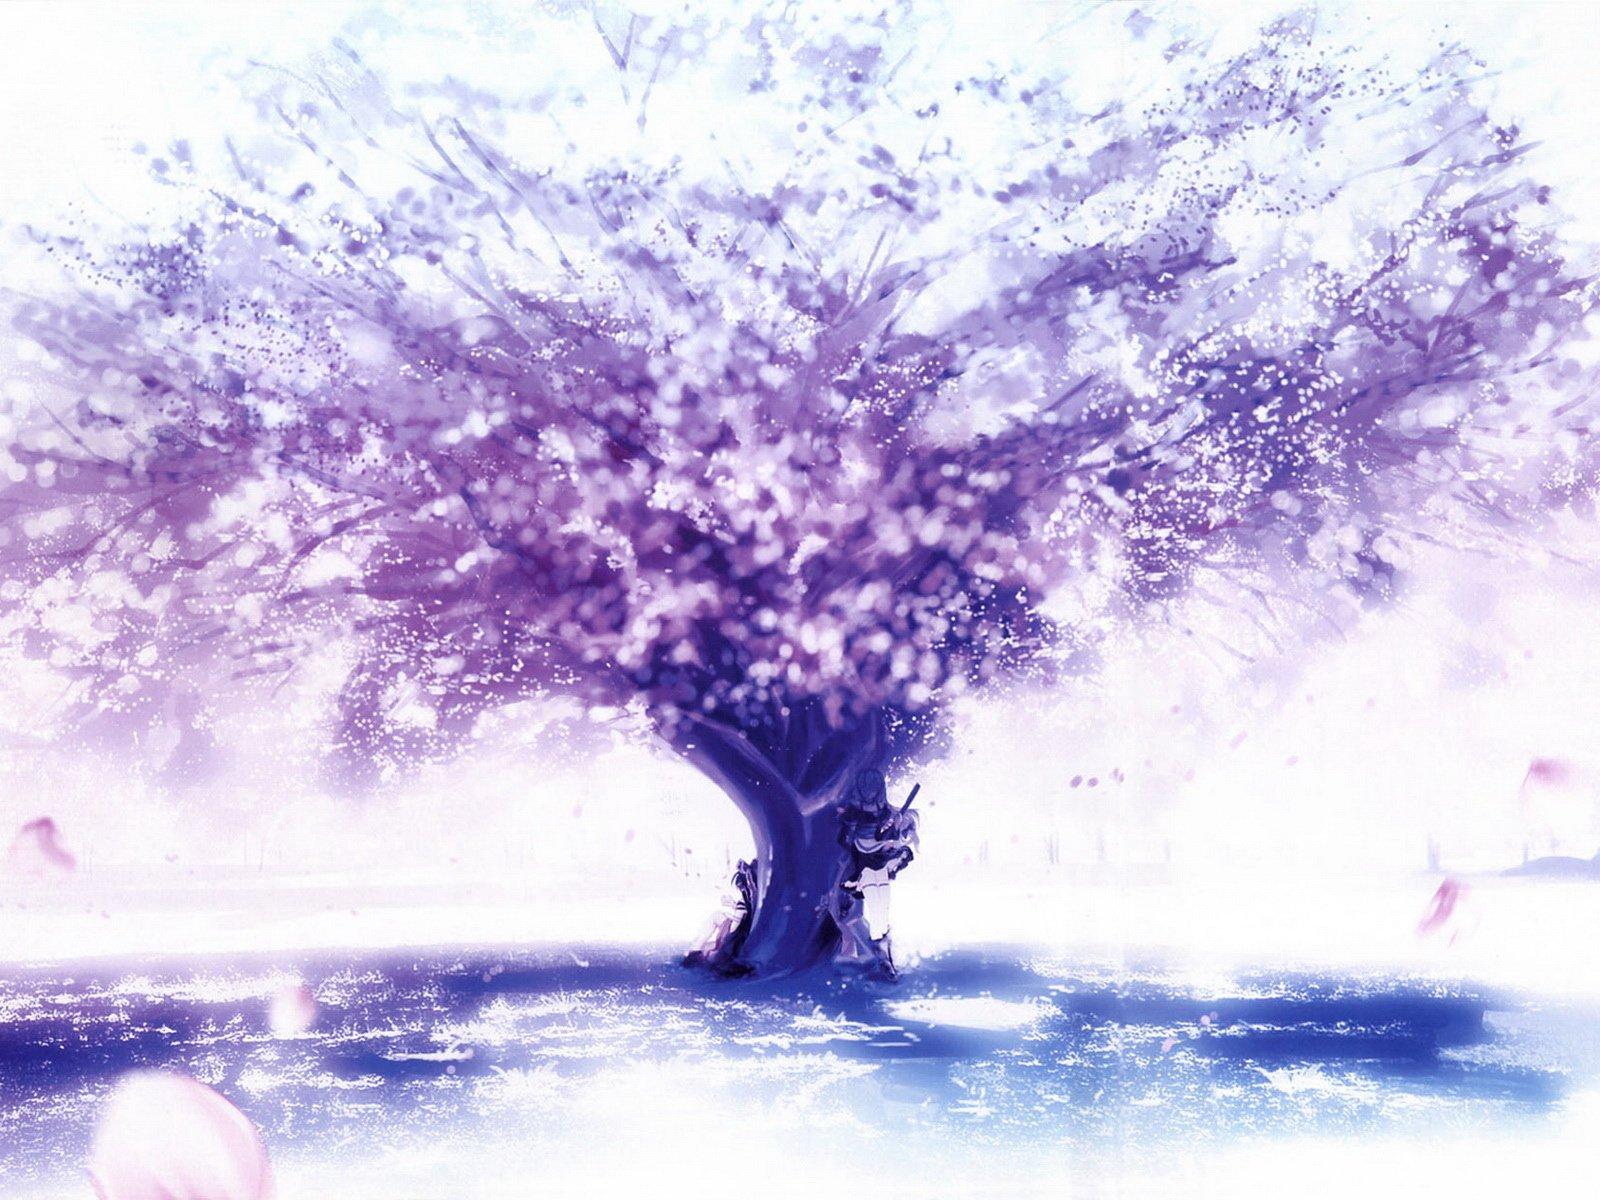 好看的风景照片大全紫色是淡色!好看的那个风景或者背景!